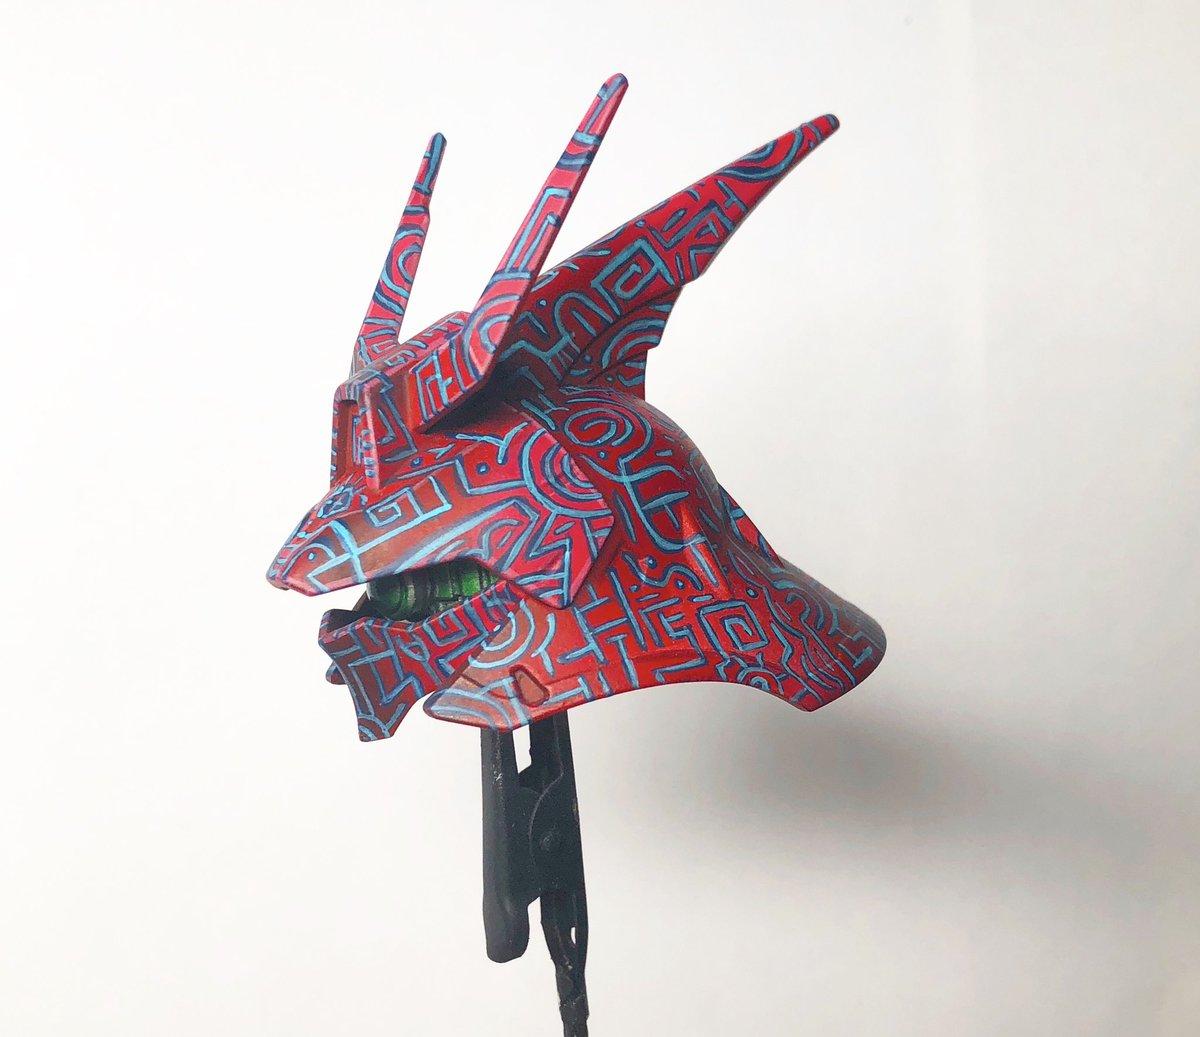 サザビーの頭に古代模様を描きました!全て筆で塗っています♪かっこよく出来たのでご覧ください。使用塗料はシタデルカラーです!#ガンダム #ガンダムの日 #ガンプラ #筆塗り